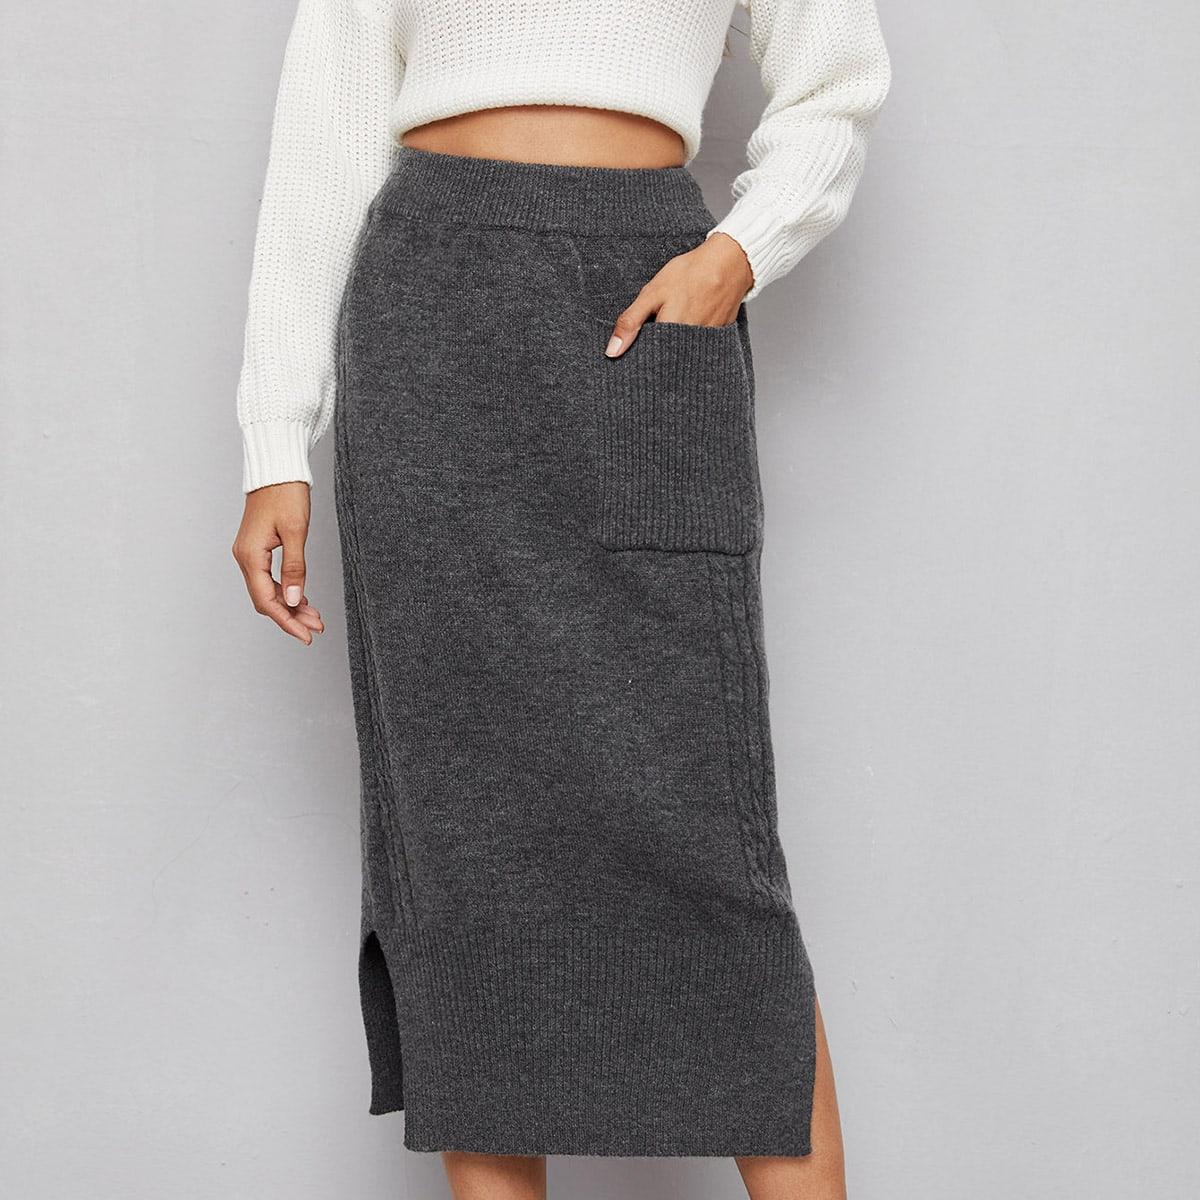 Трикотажная юбка с разрезом